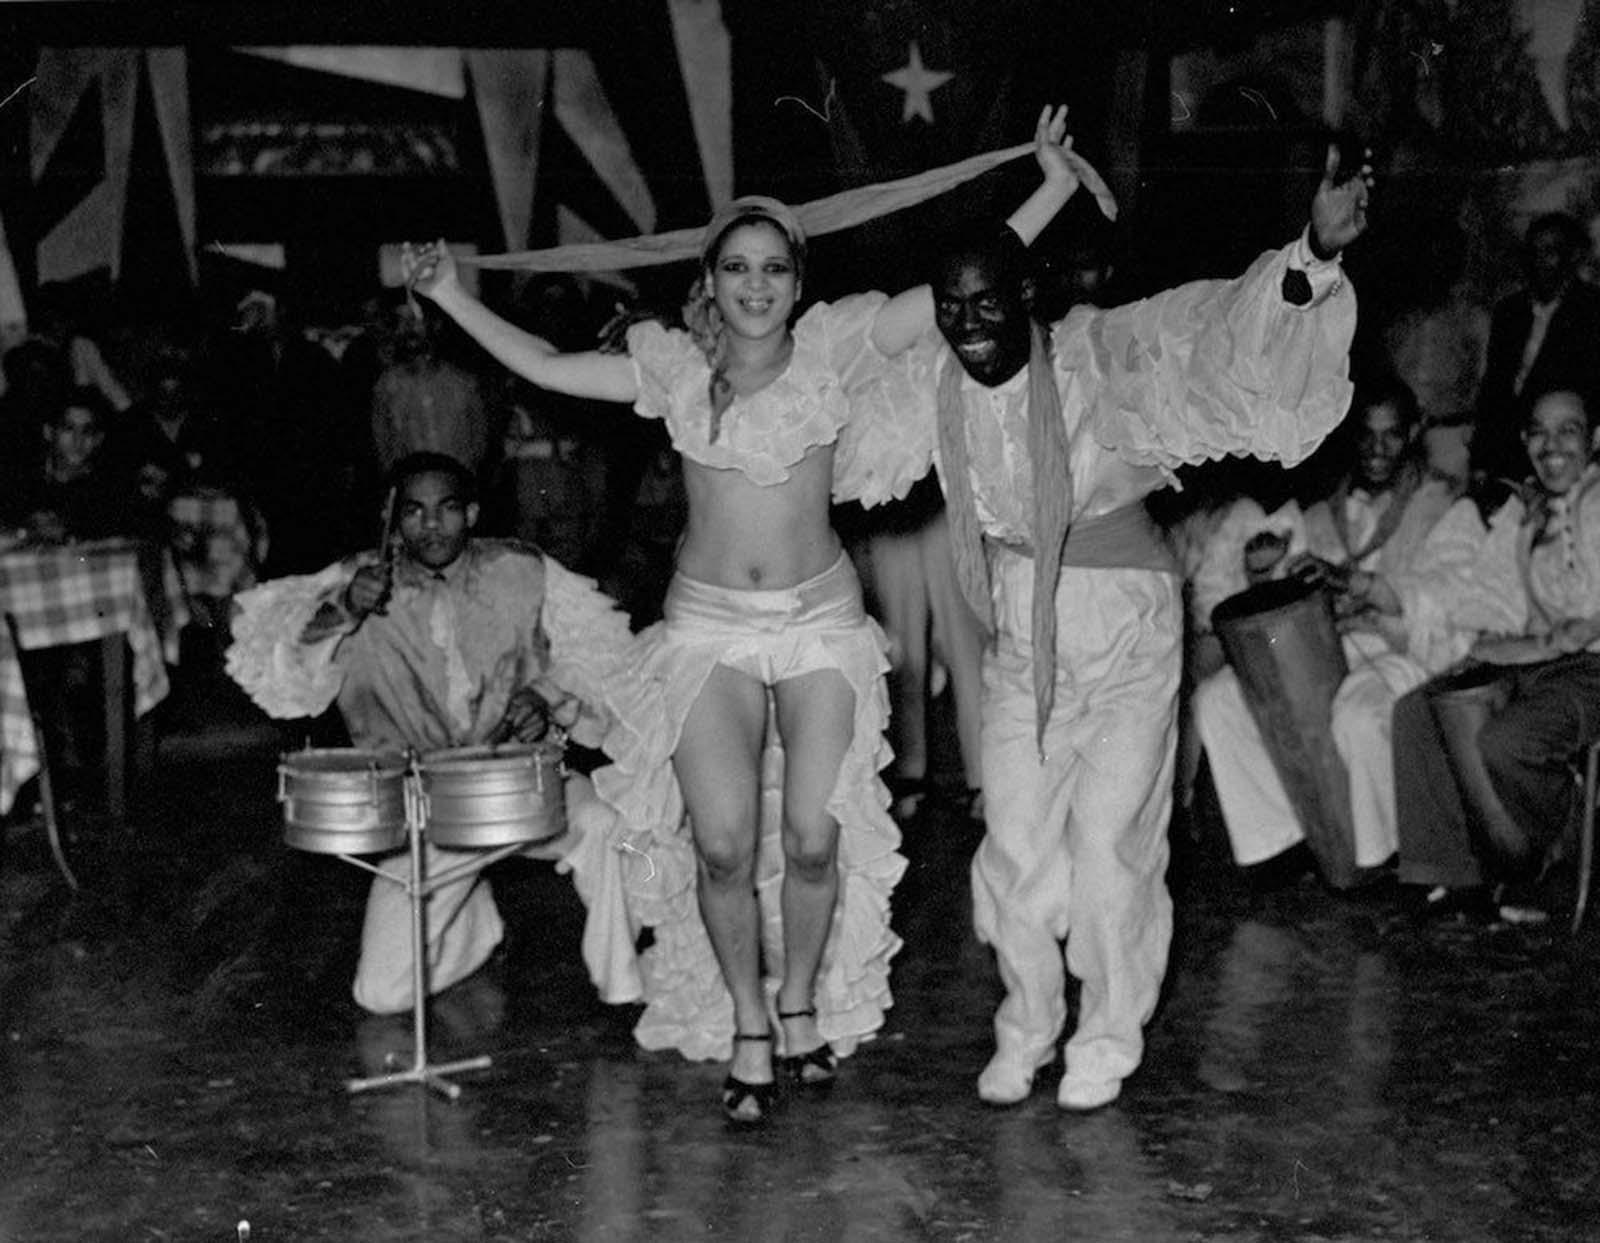 Dancing in Havana. 1937.